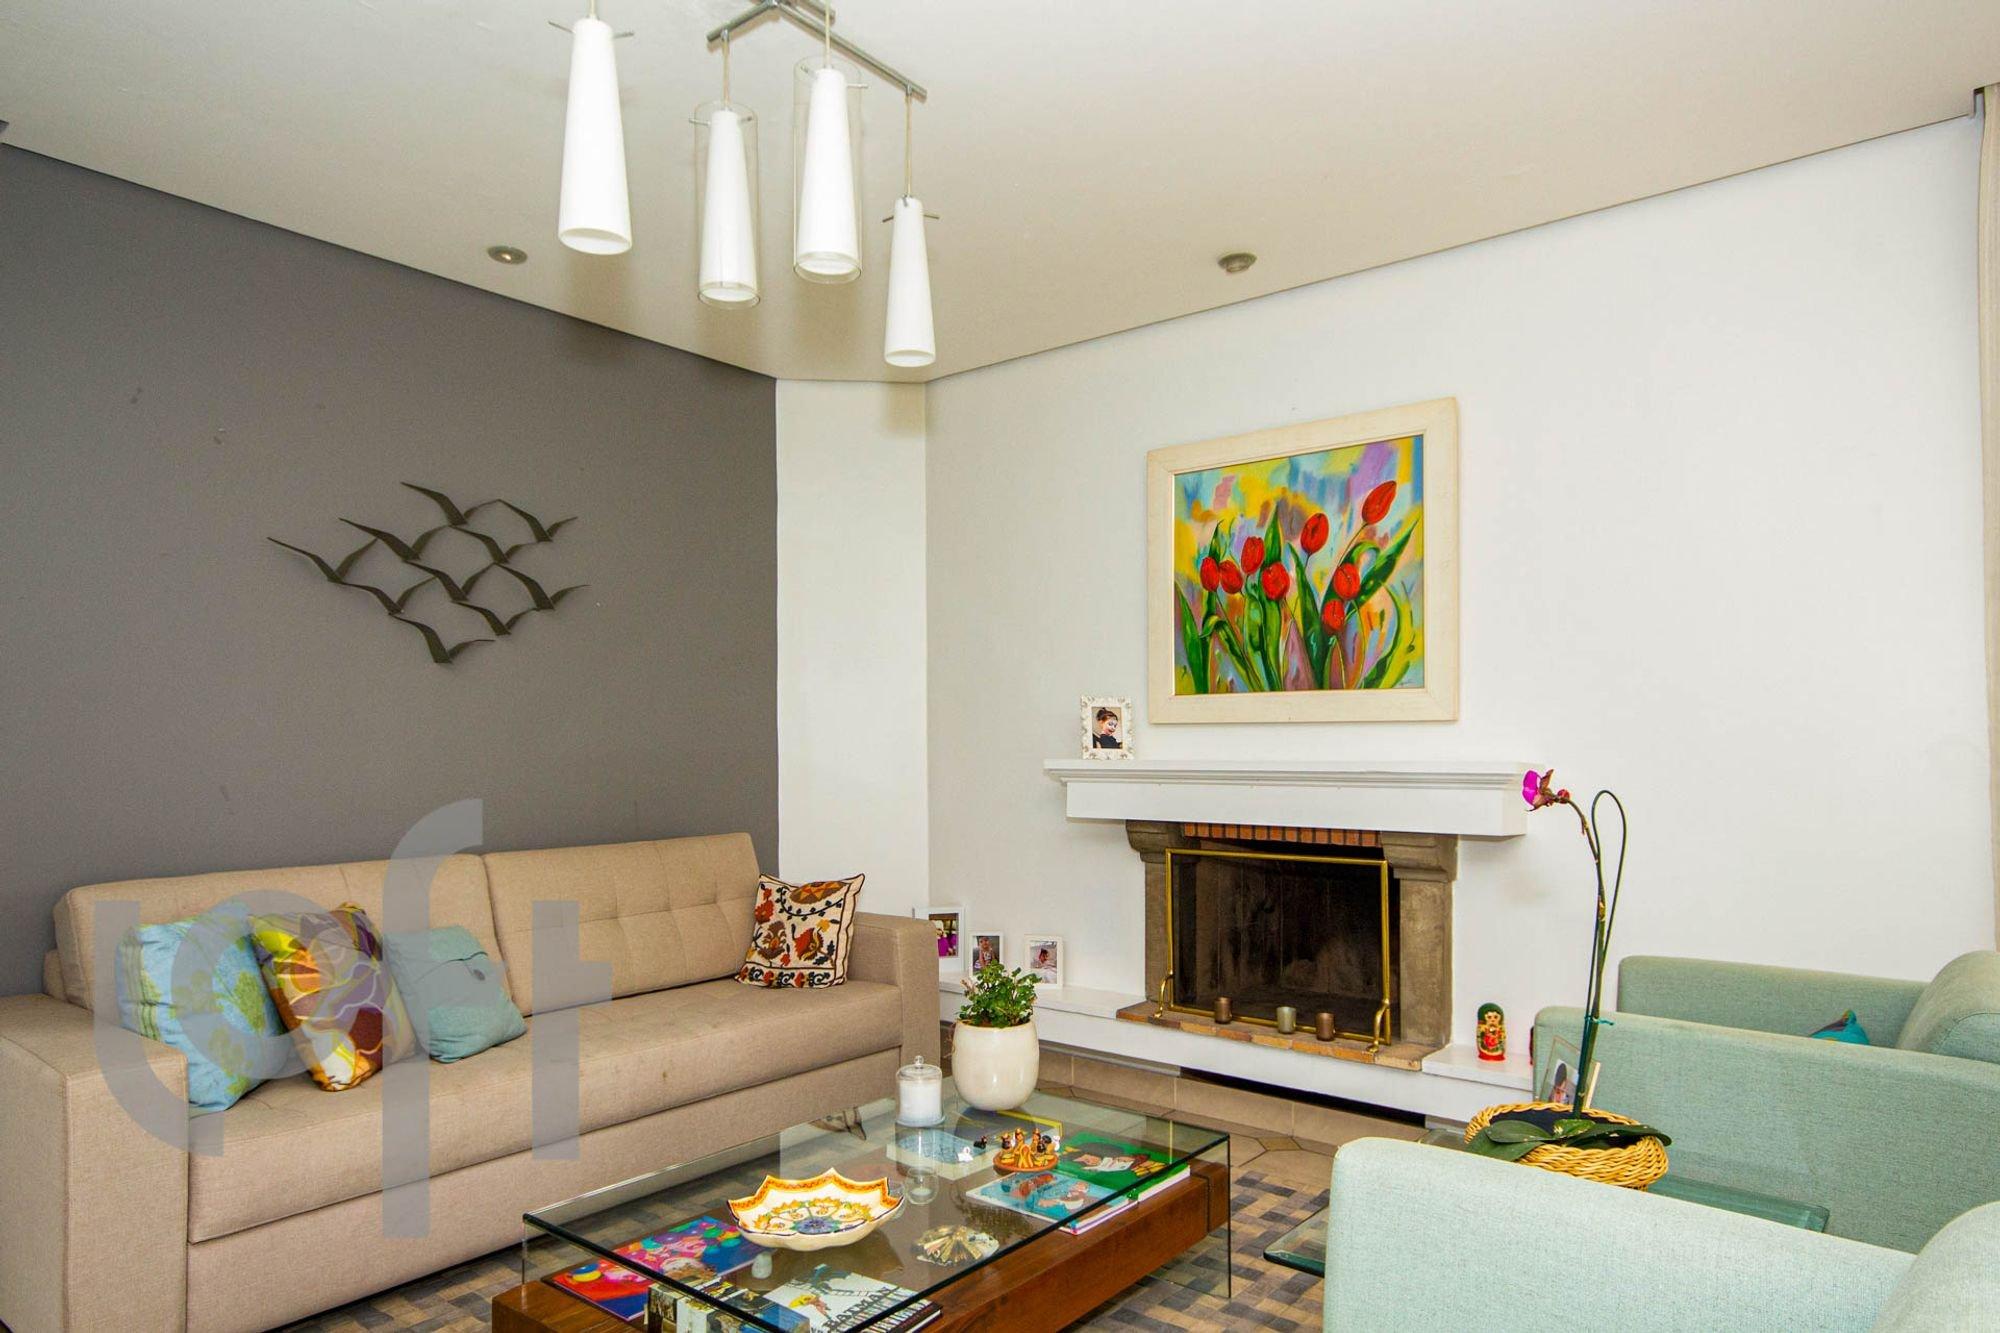 Foto de Sala com vaso de planta, sofá, tigela, cadeira